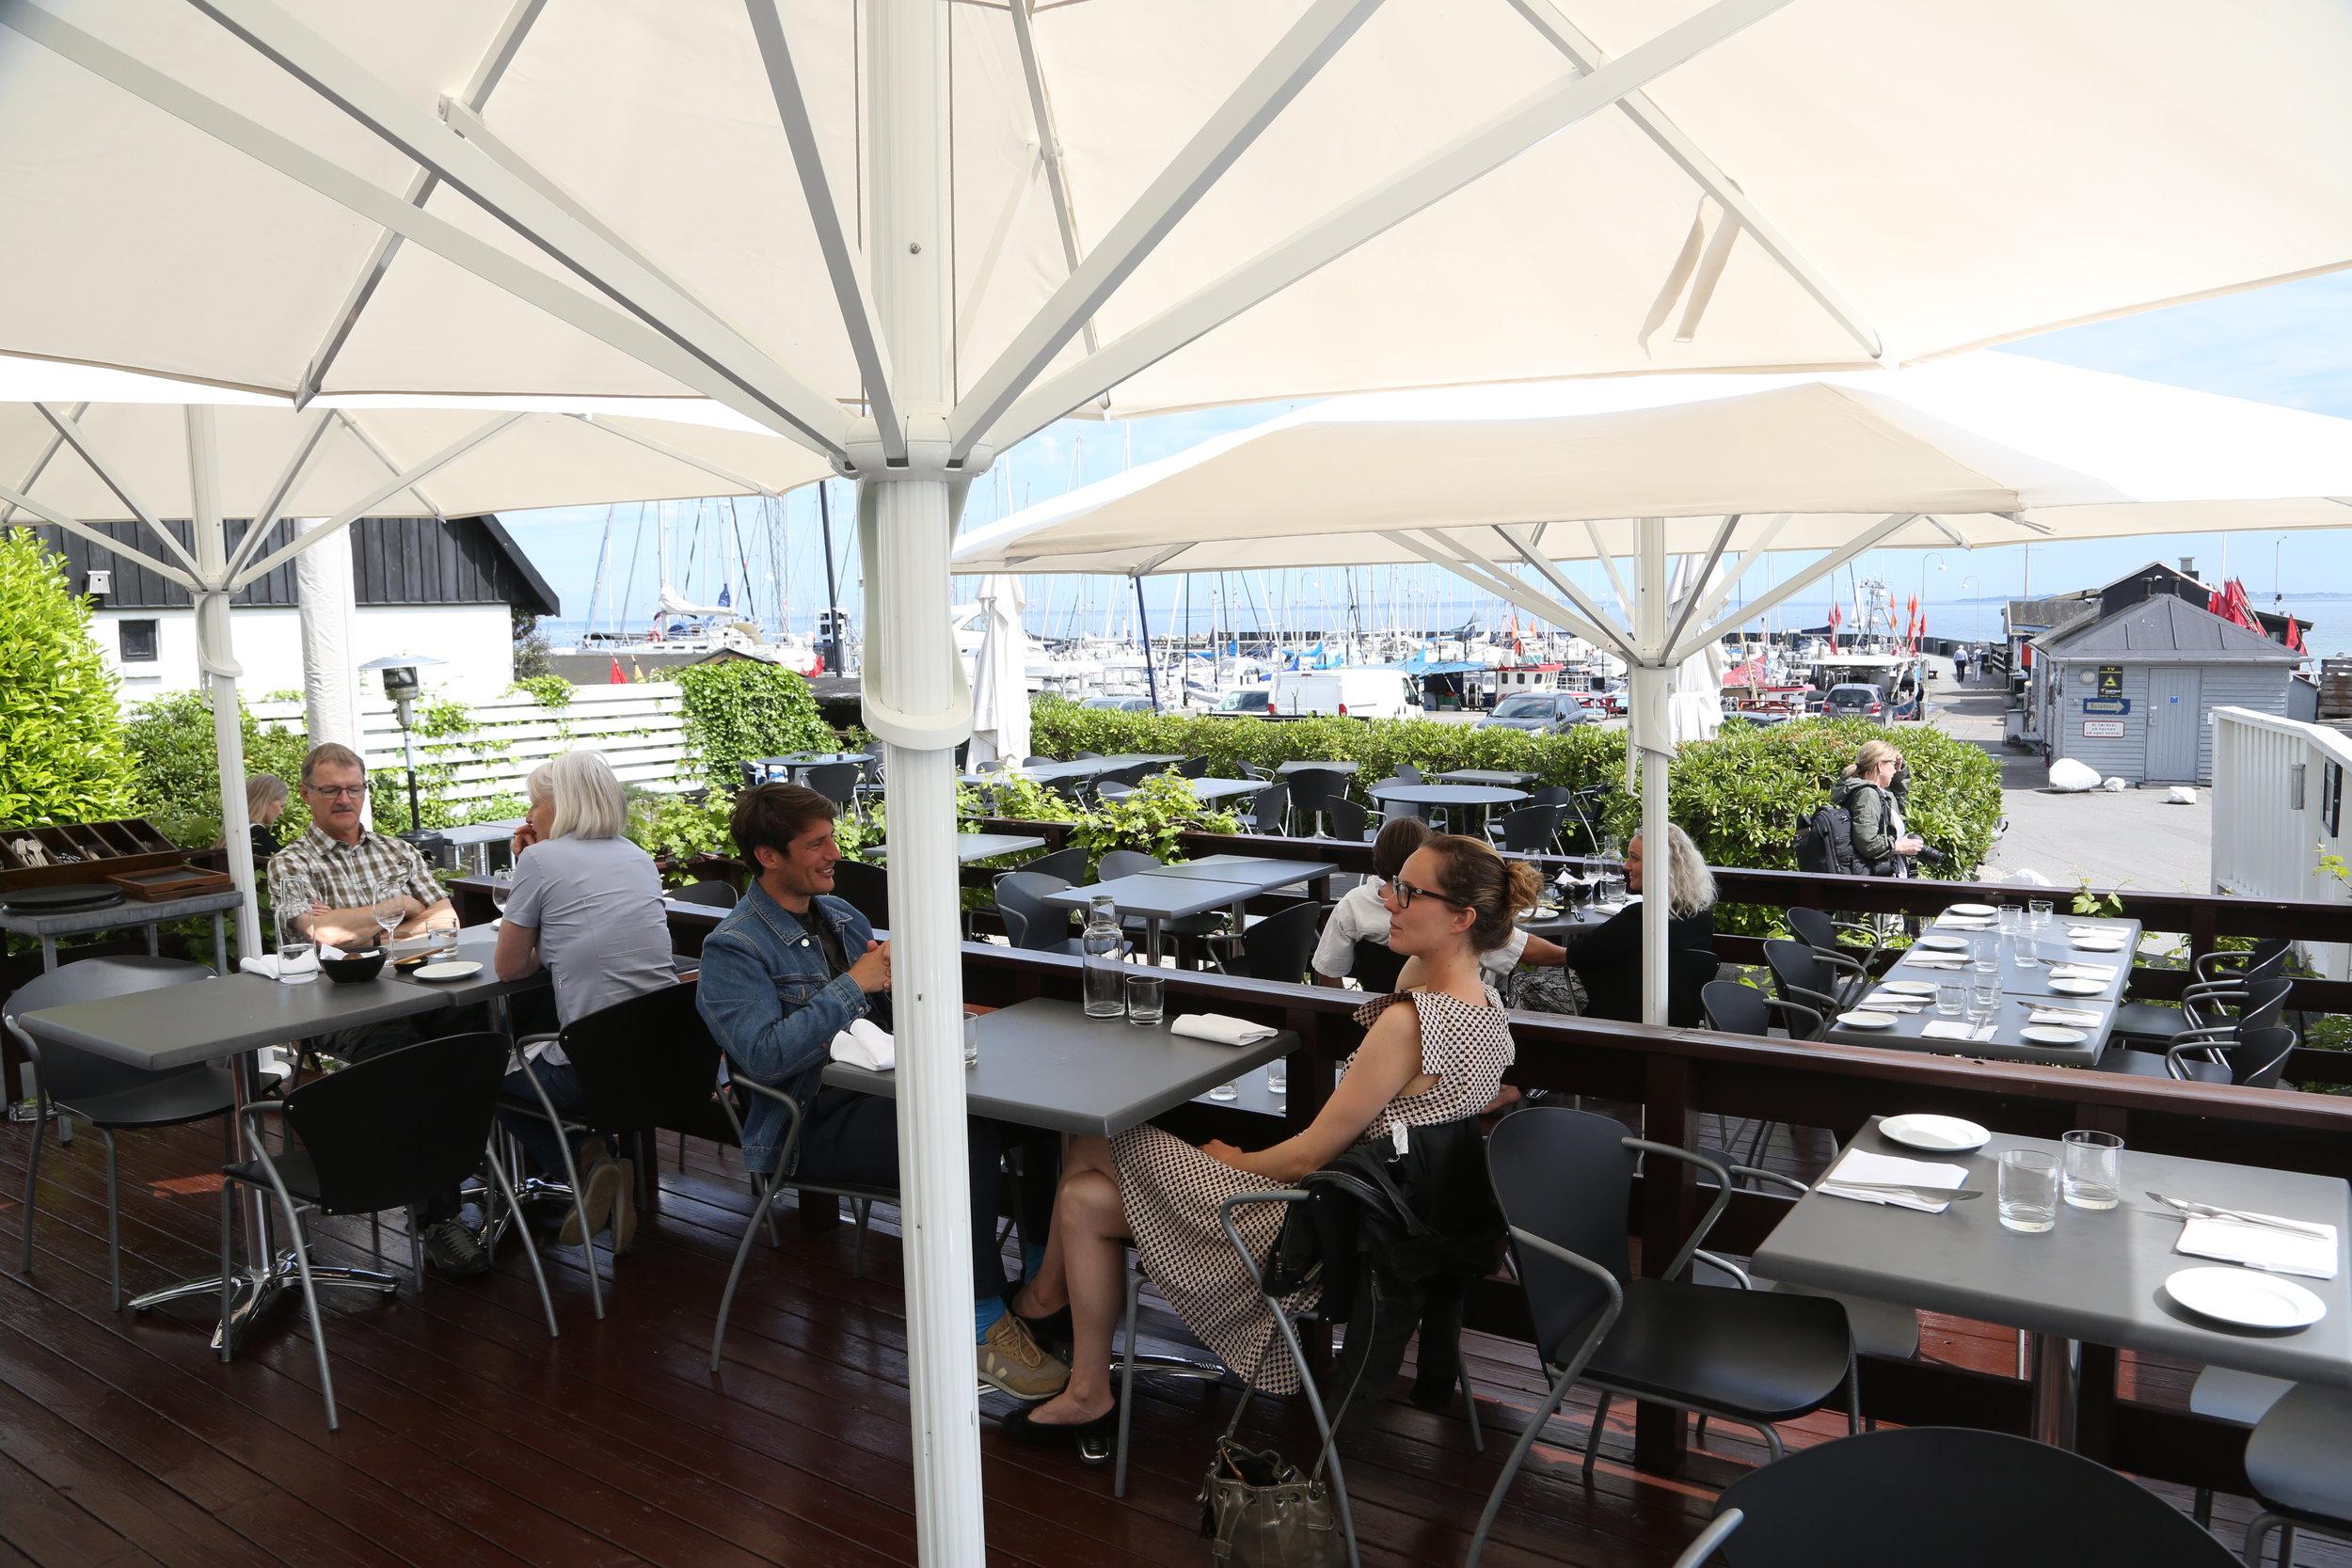 Røykfrie uterestauranter i hele Norden bør være en selvfølge. Foto: Odd Roar Lange